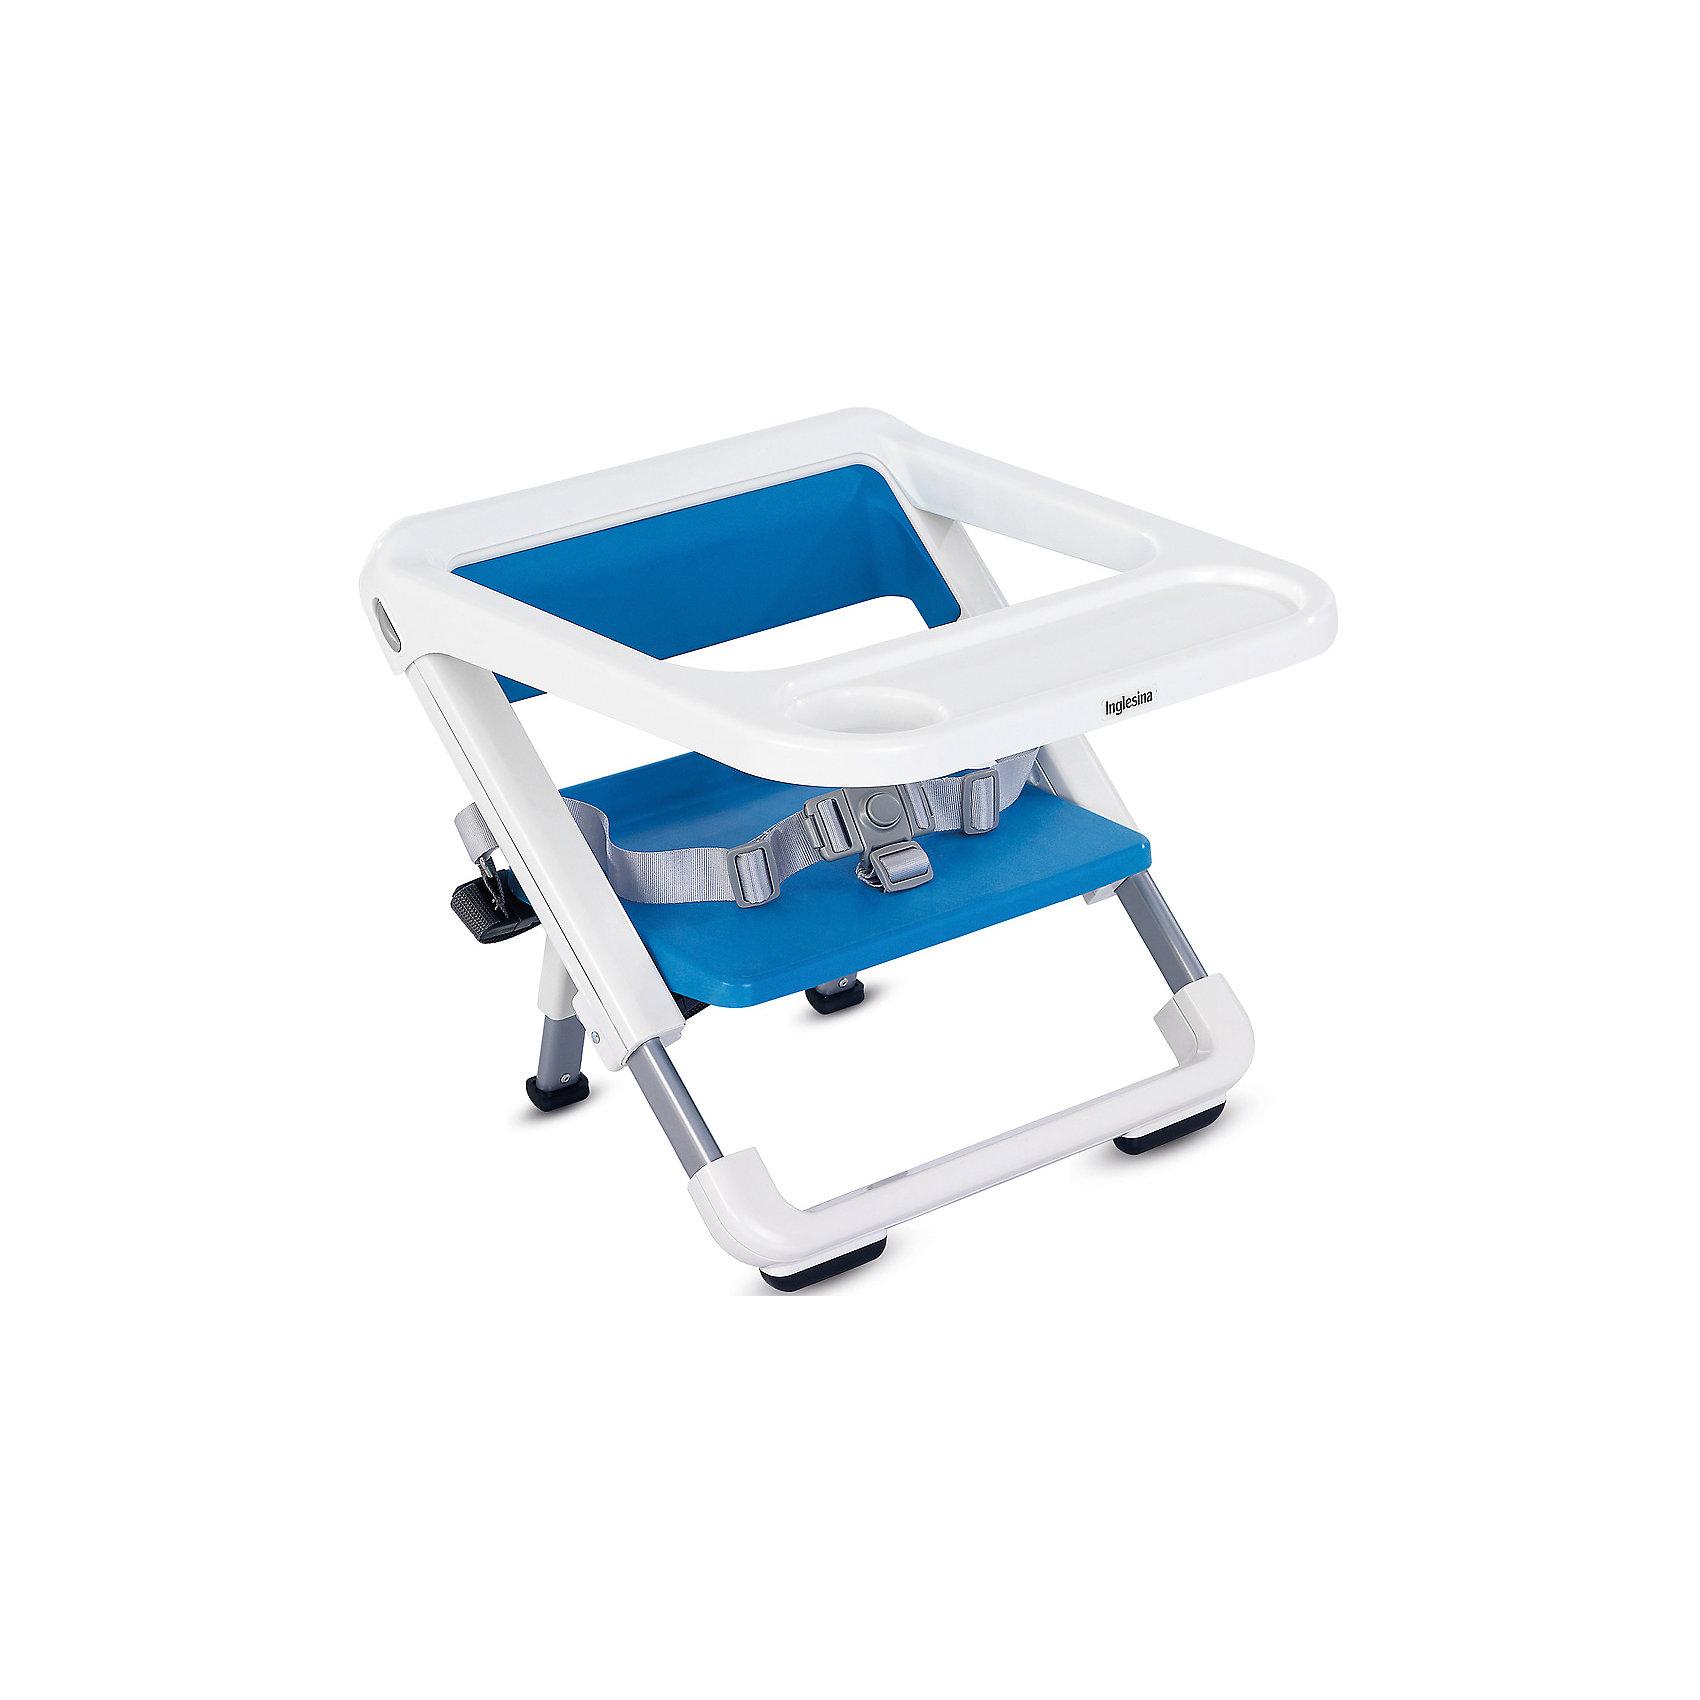 Переносной стул-подставка Brunch, Inglesina, light blue